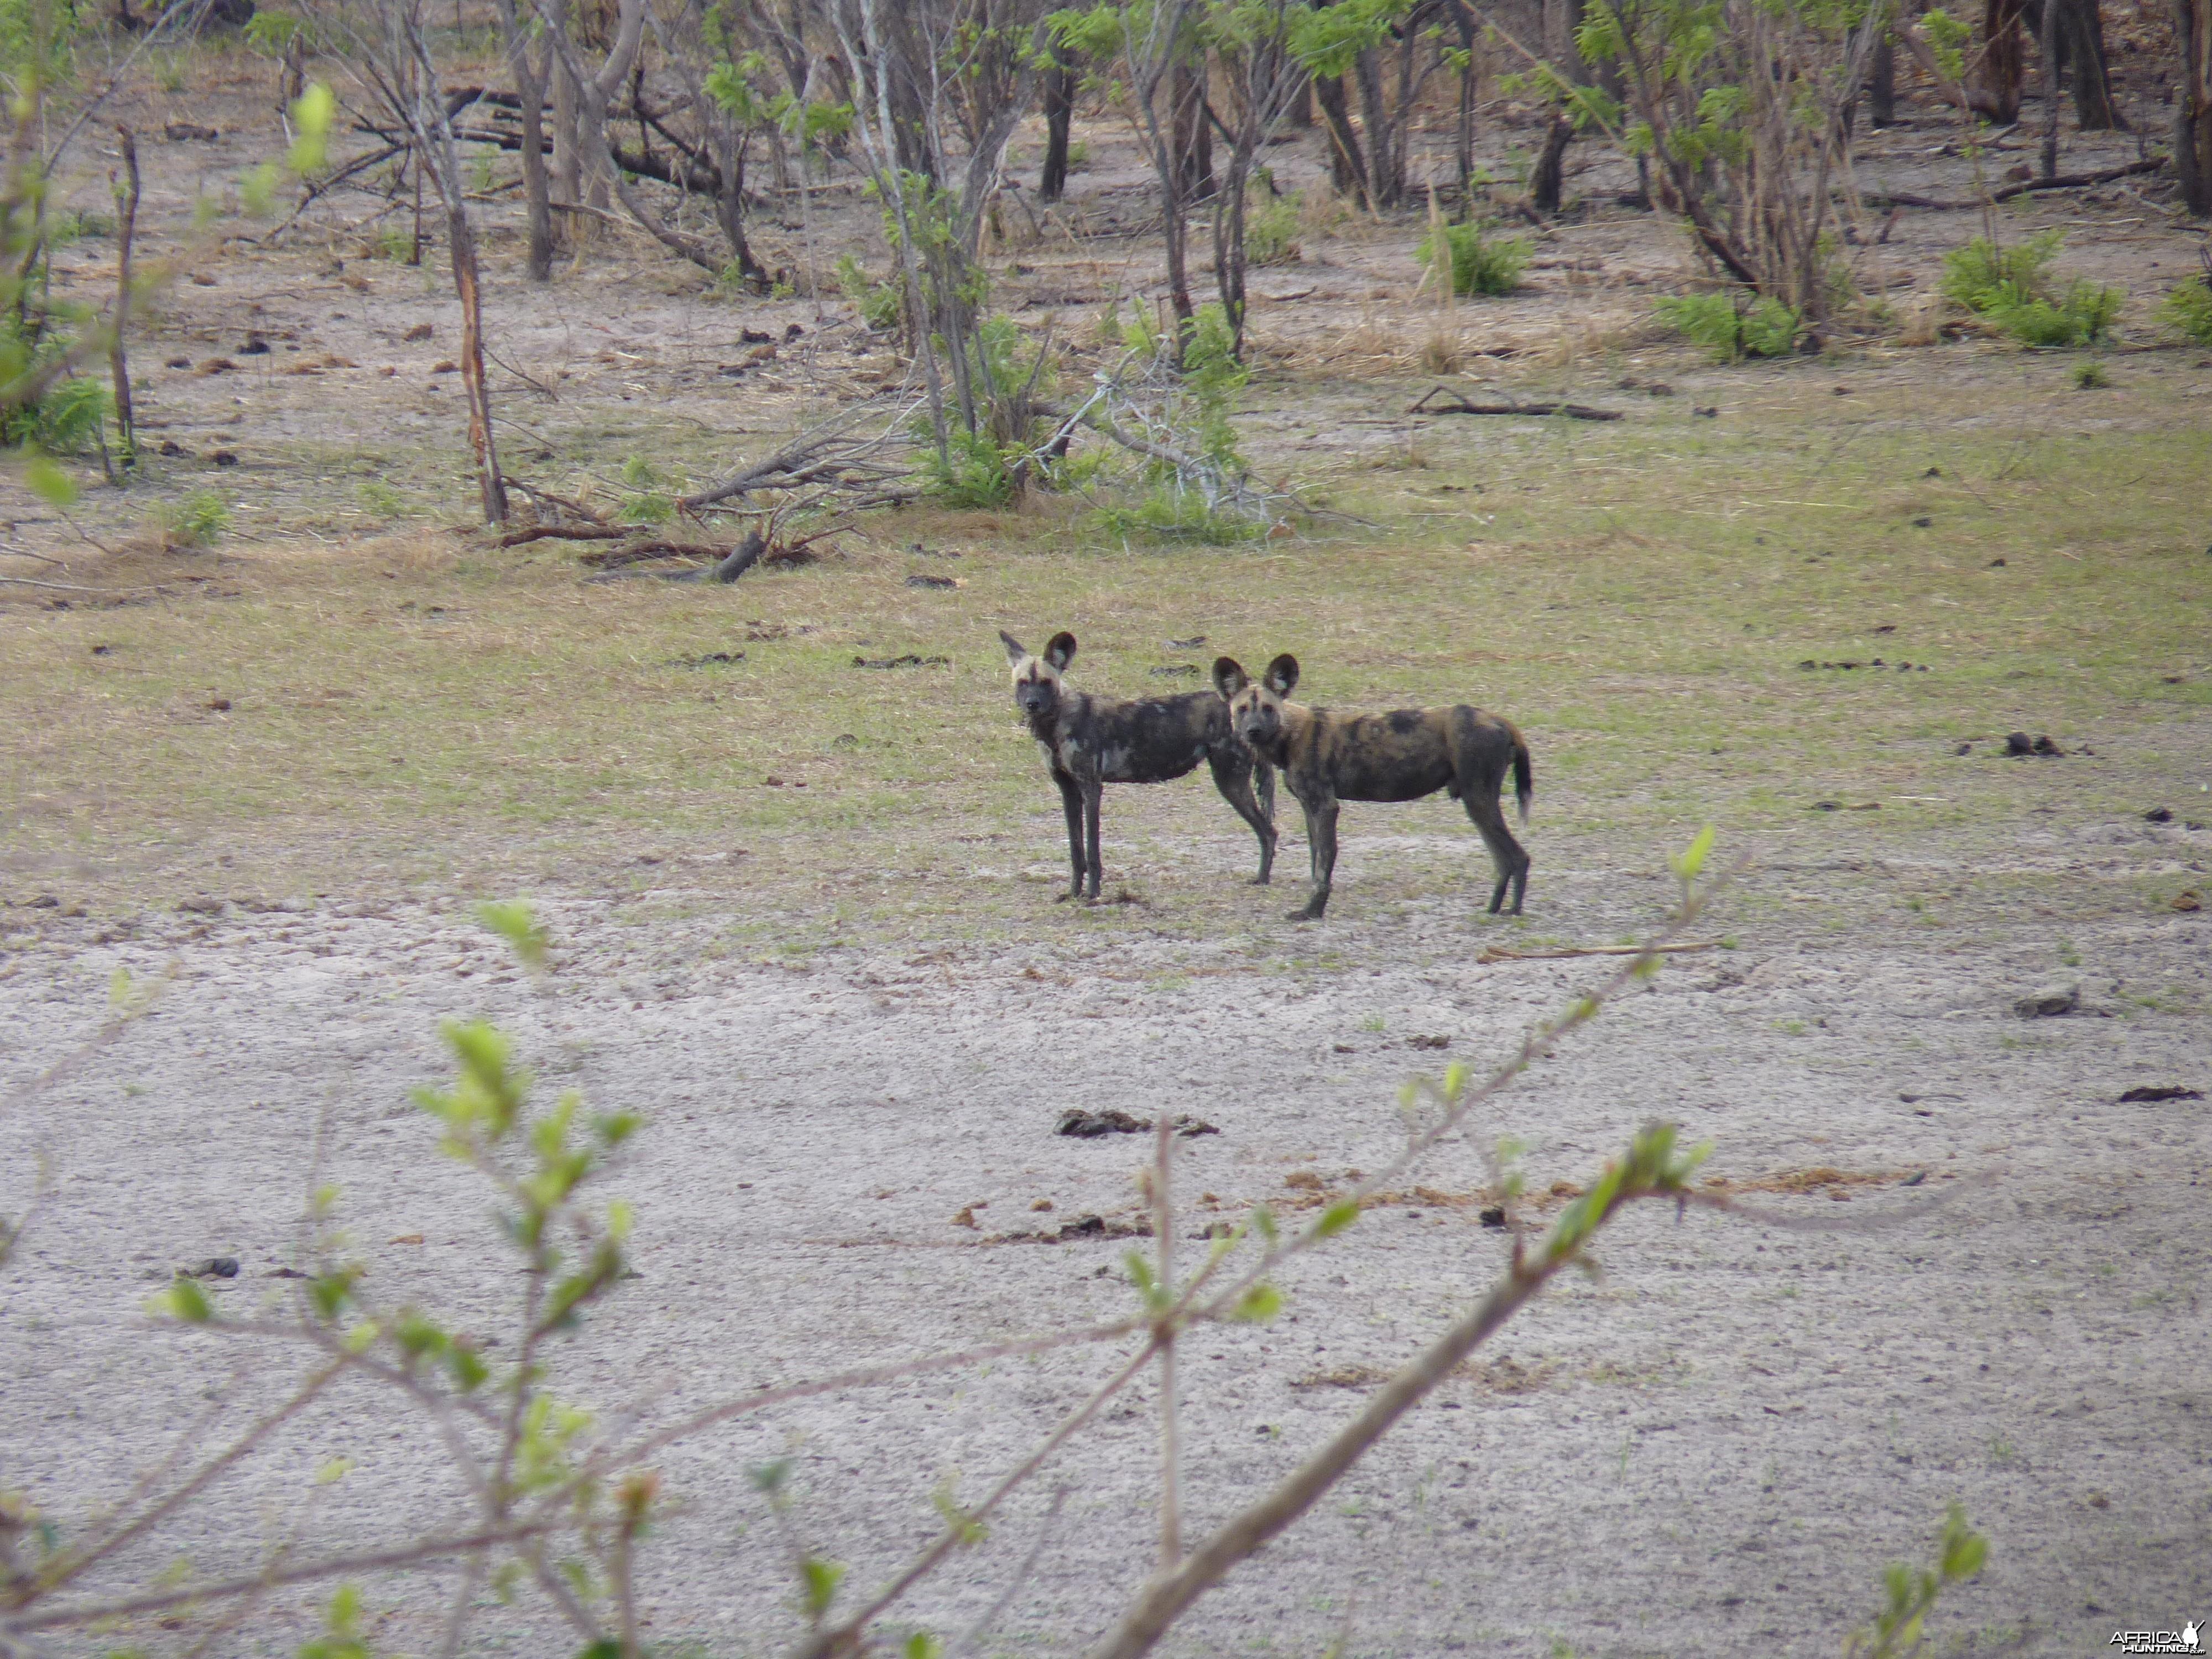 Wild Dogs in Tanzania